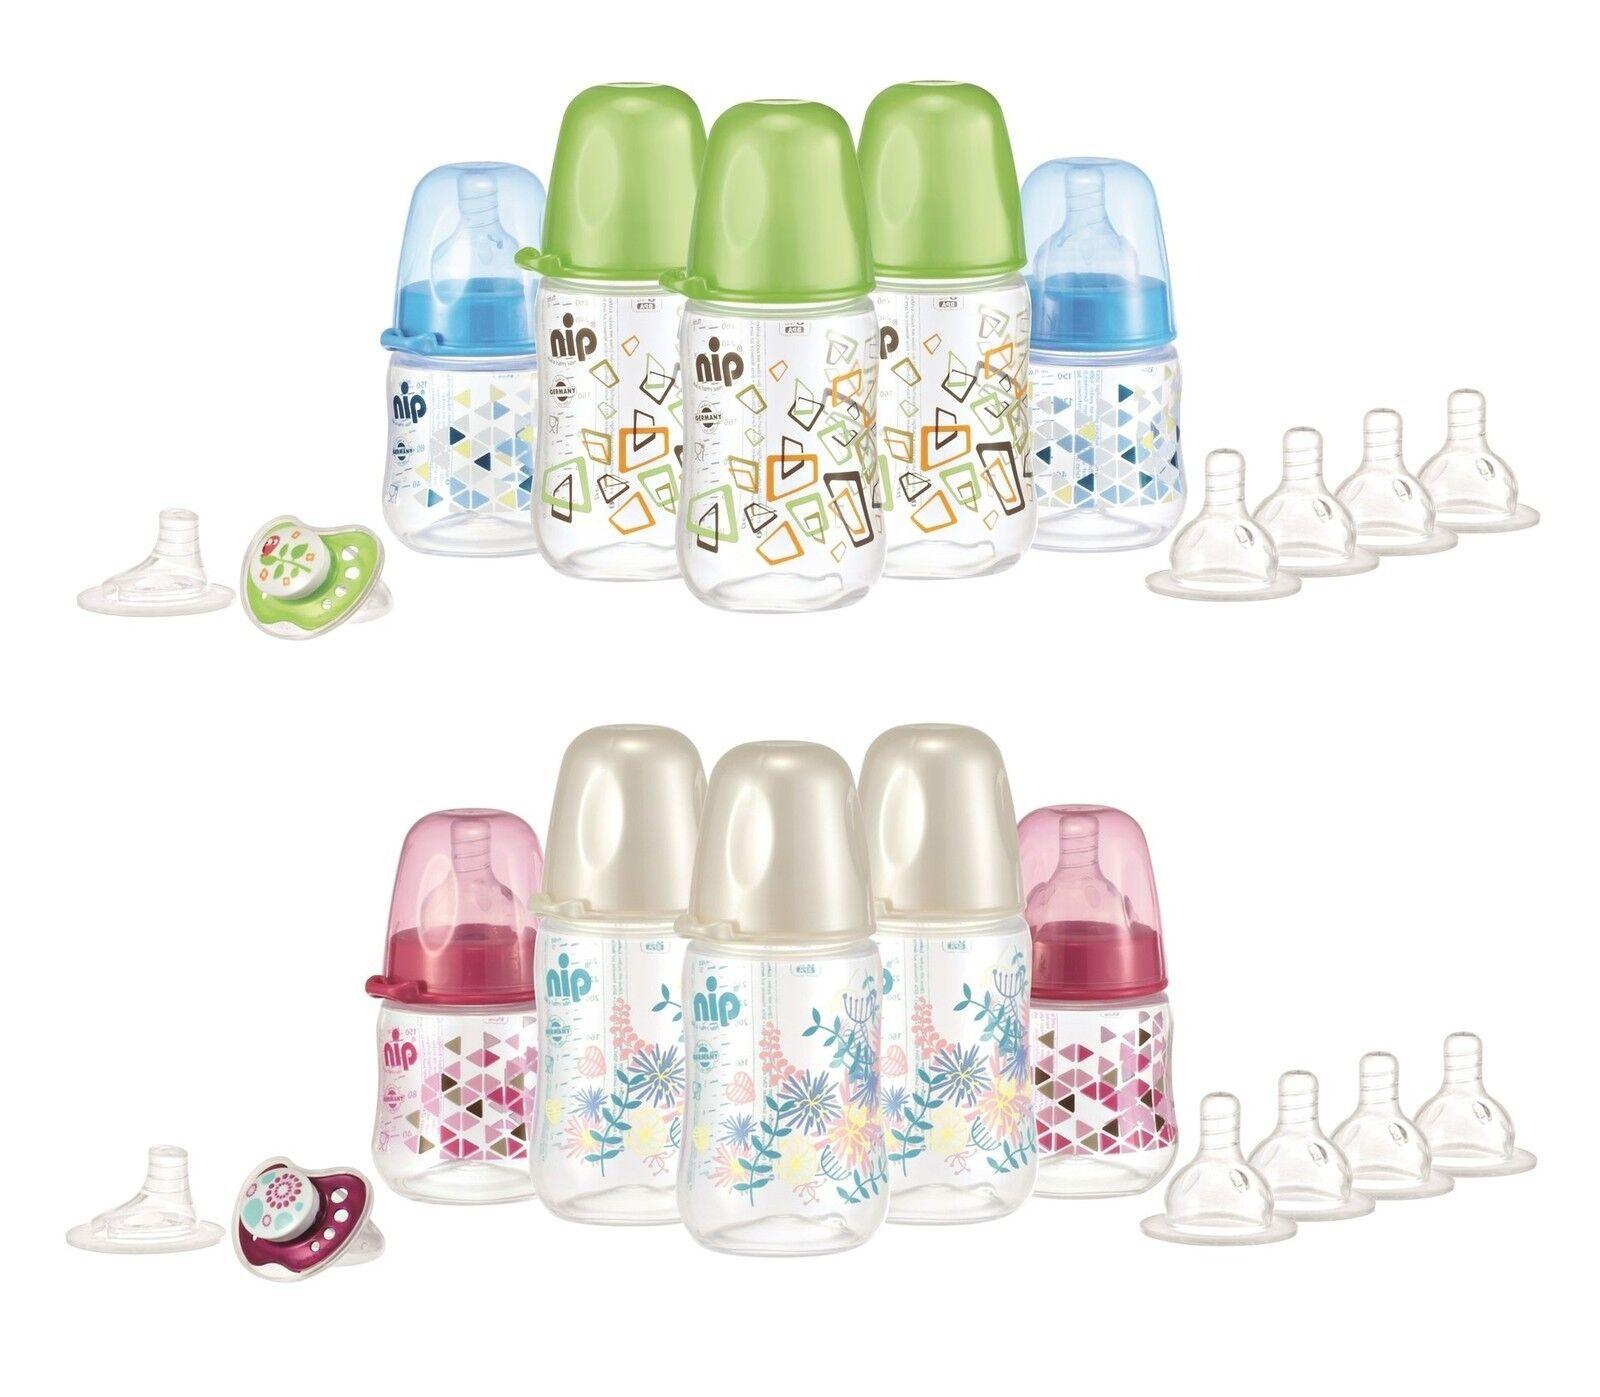 nip Baby Starterset Babyflaschenset Flaschenset zur Geburt 11 teilig *NEU*